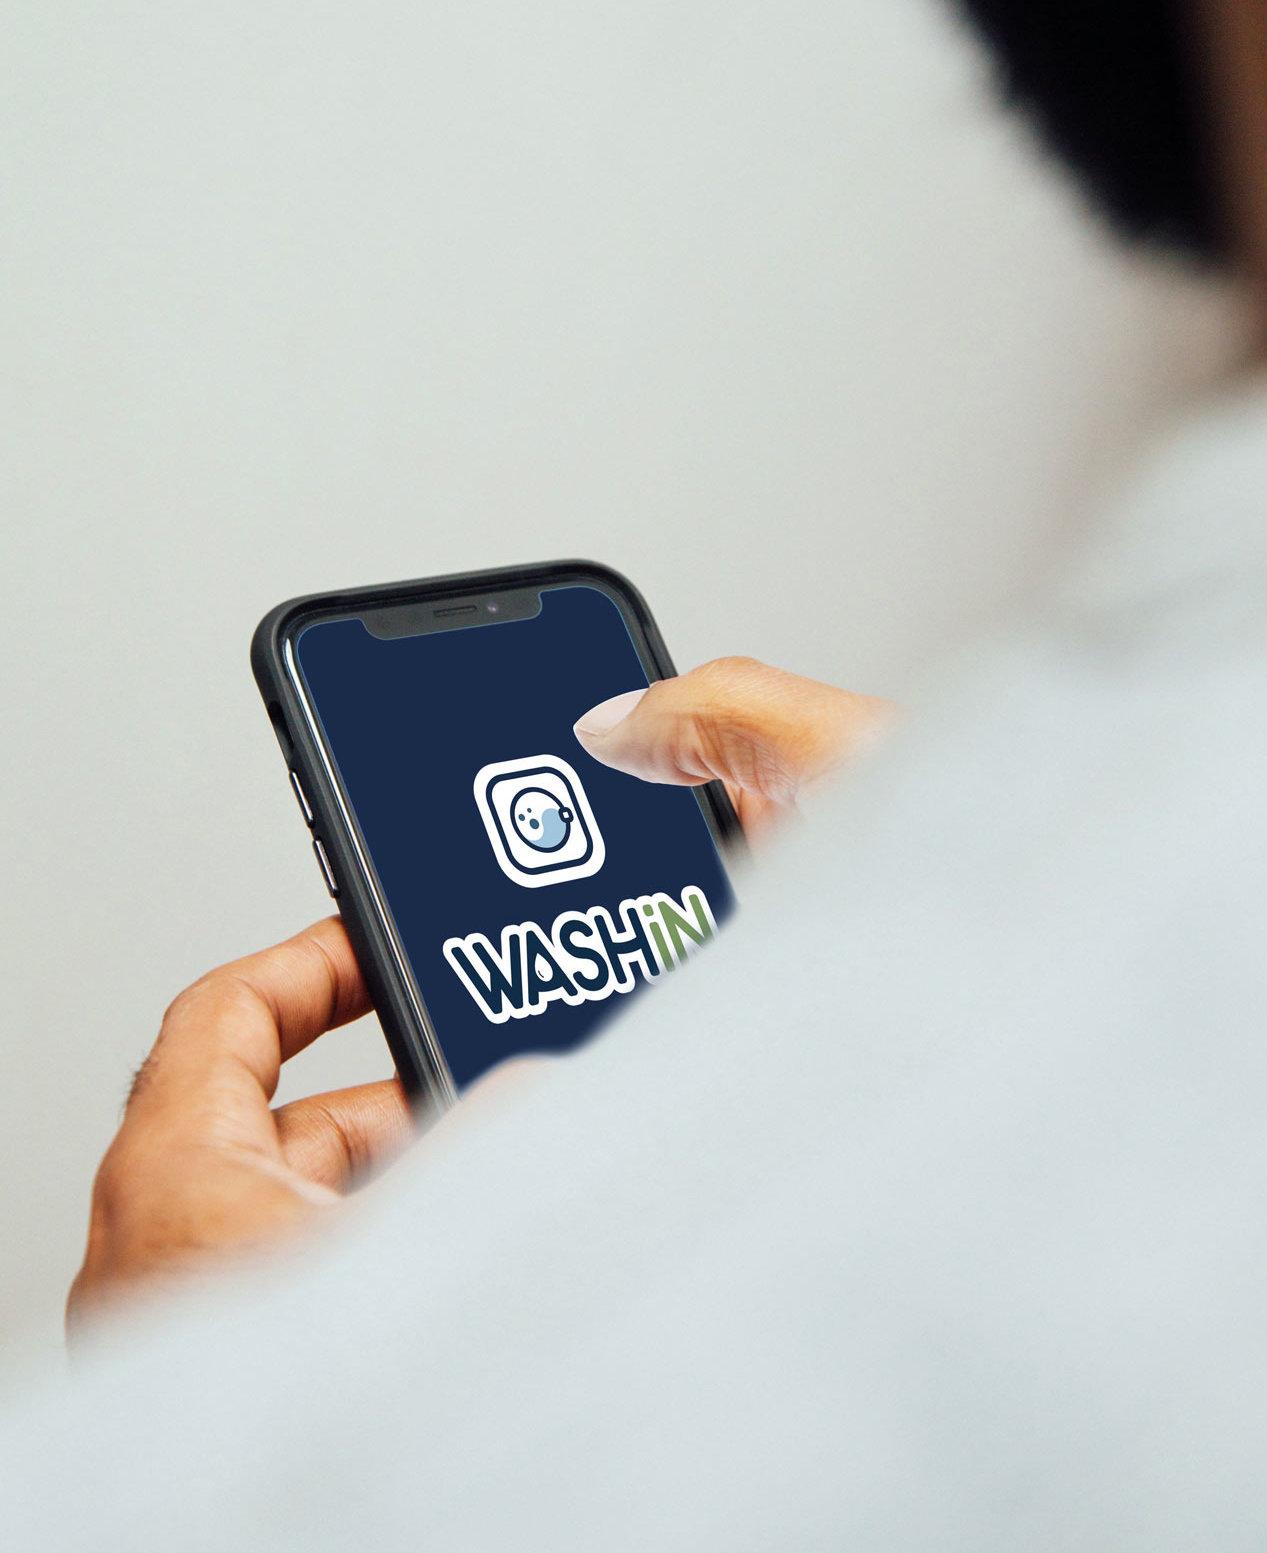 Application Washin